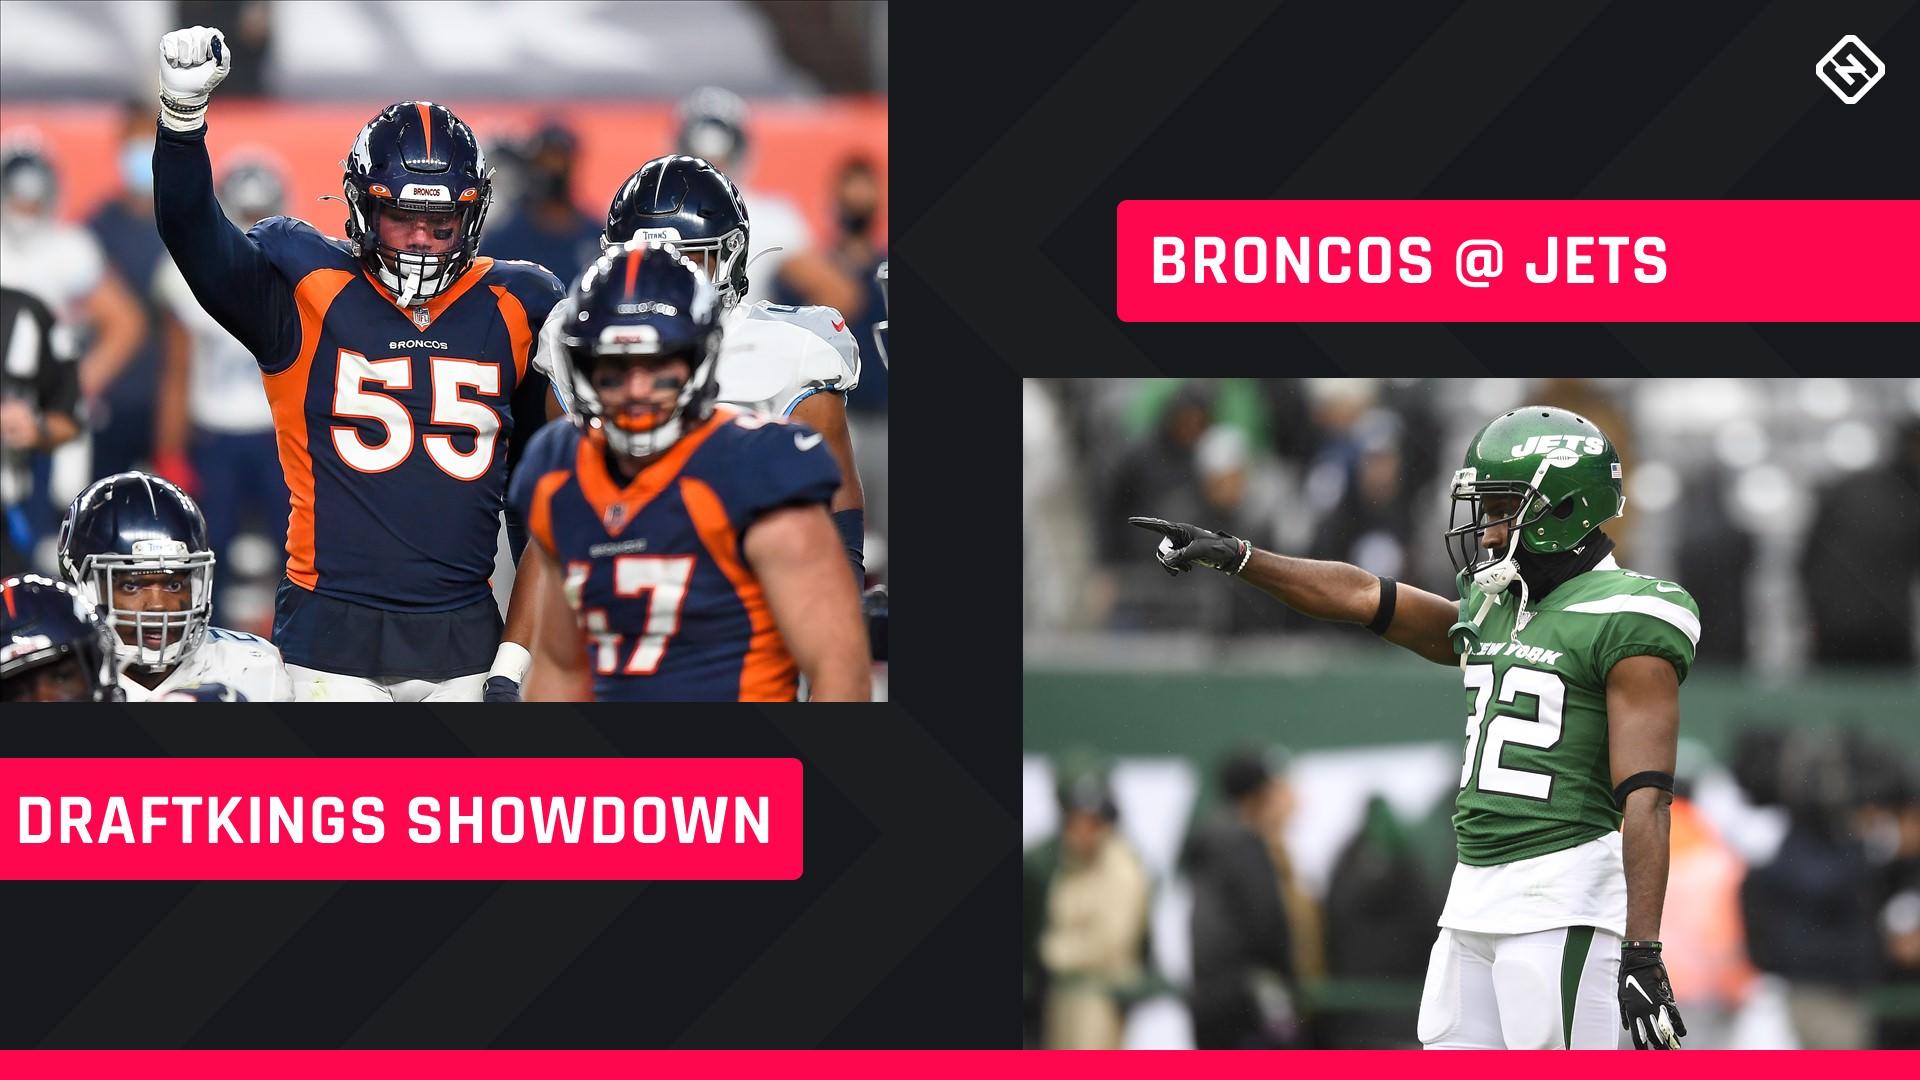 Quinta à noite Football DraftKings Picks: NFL DFS lineup conselho para a semana 4 torneios Jets-Broncos Showdown